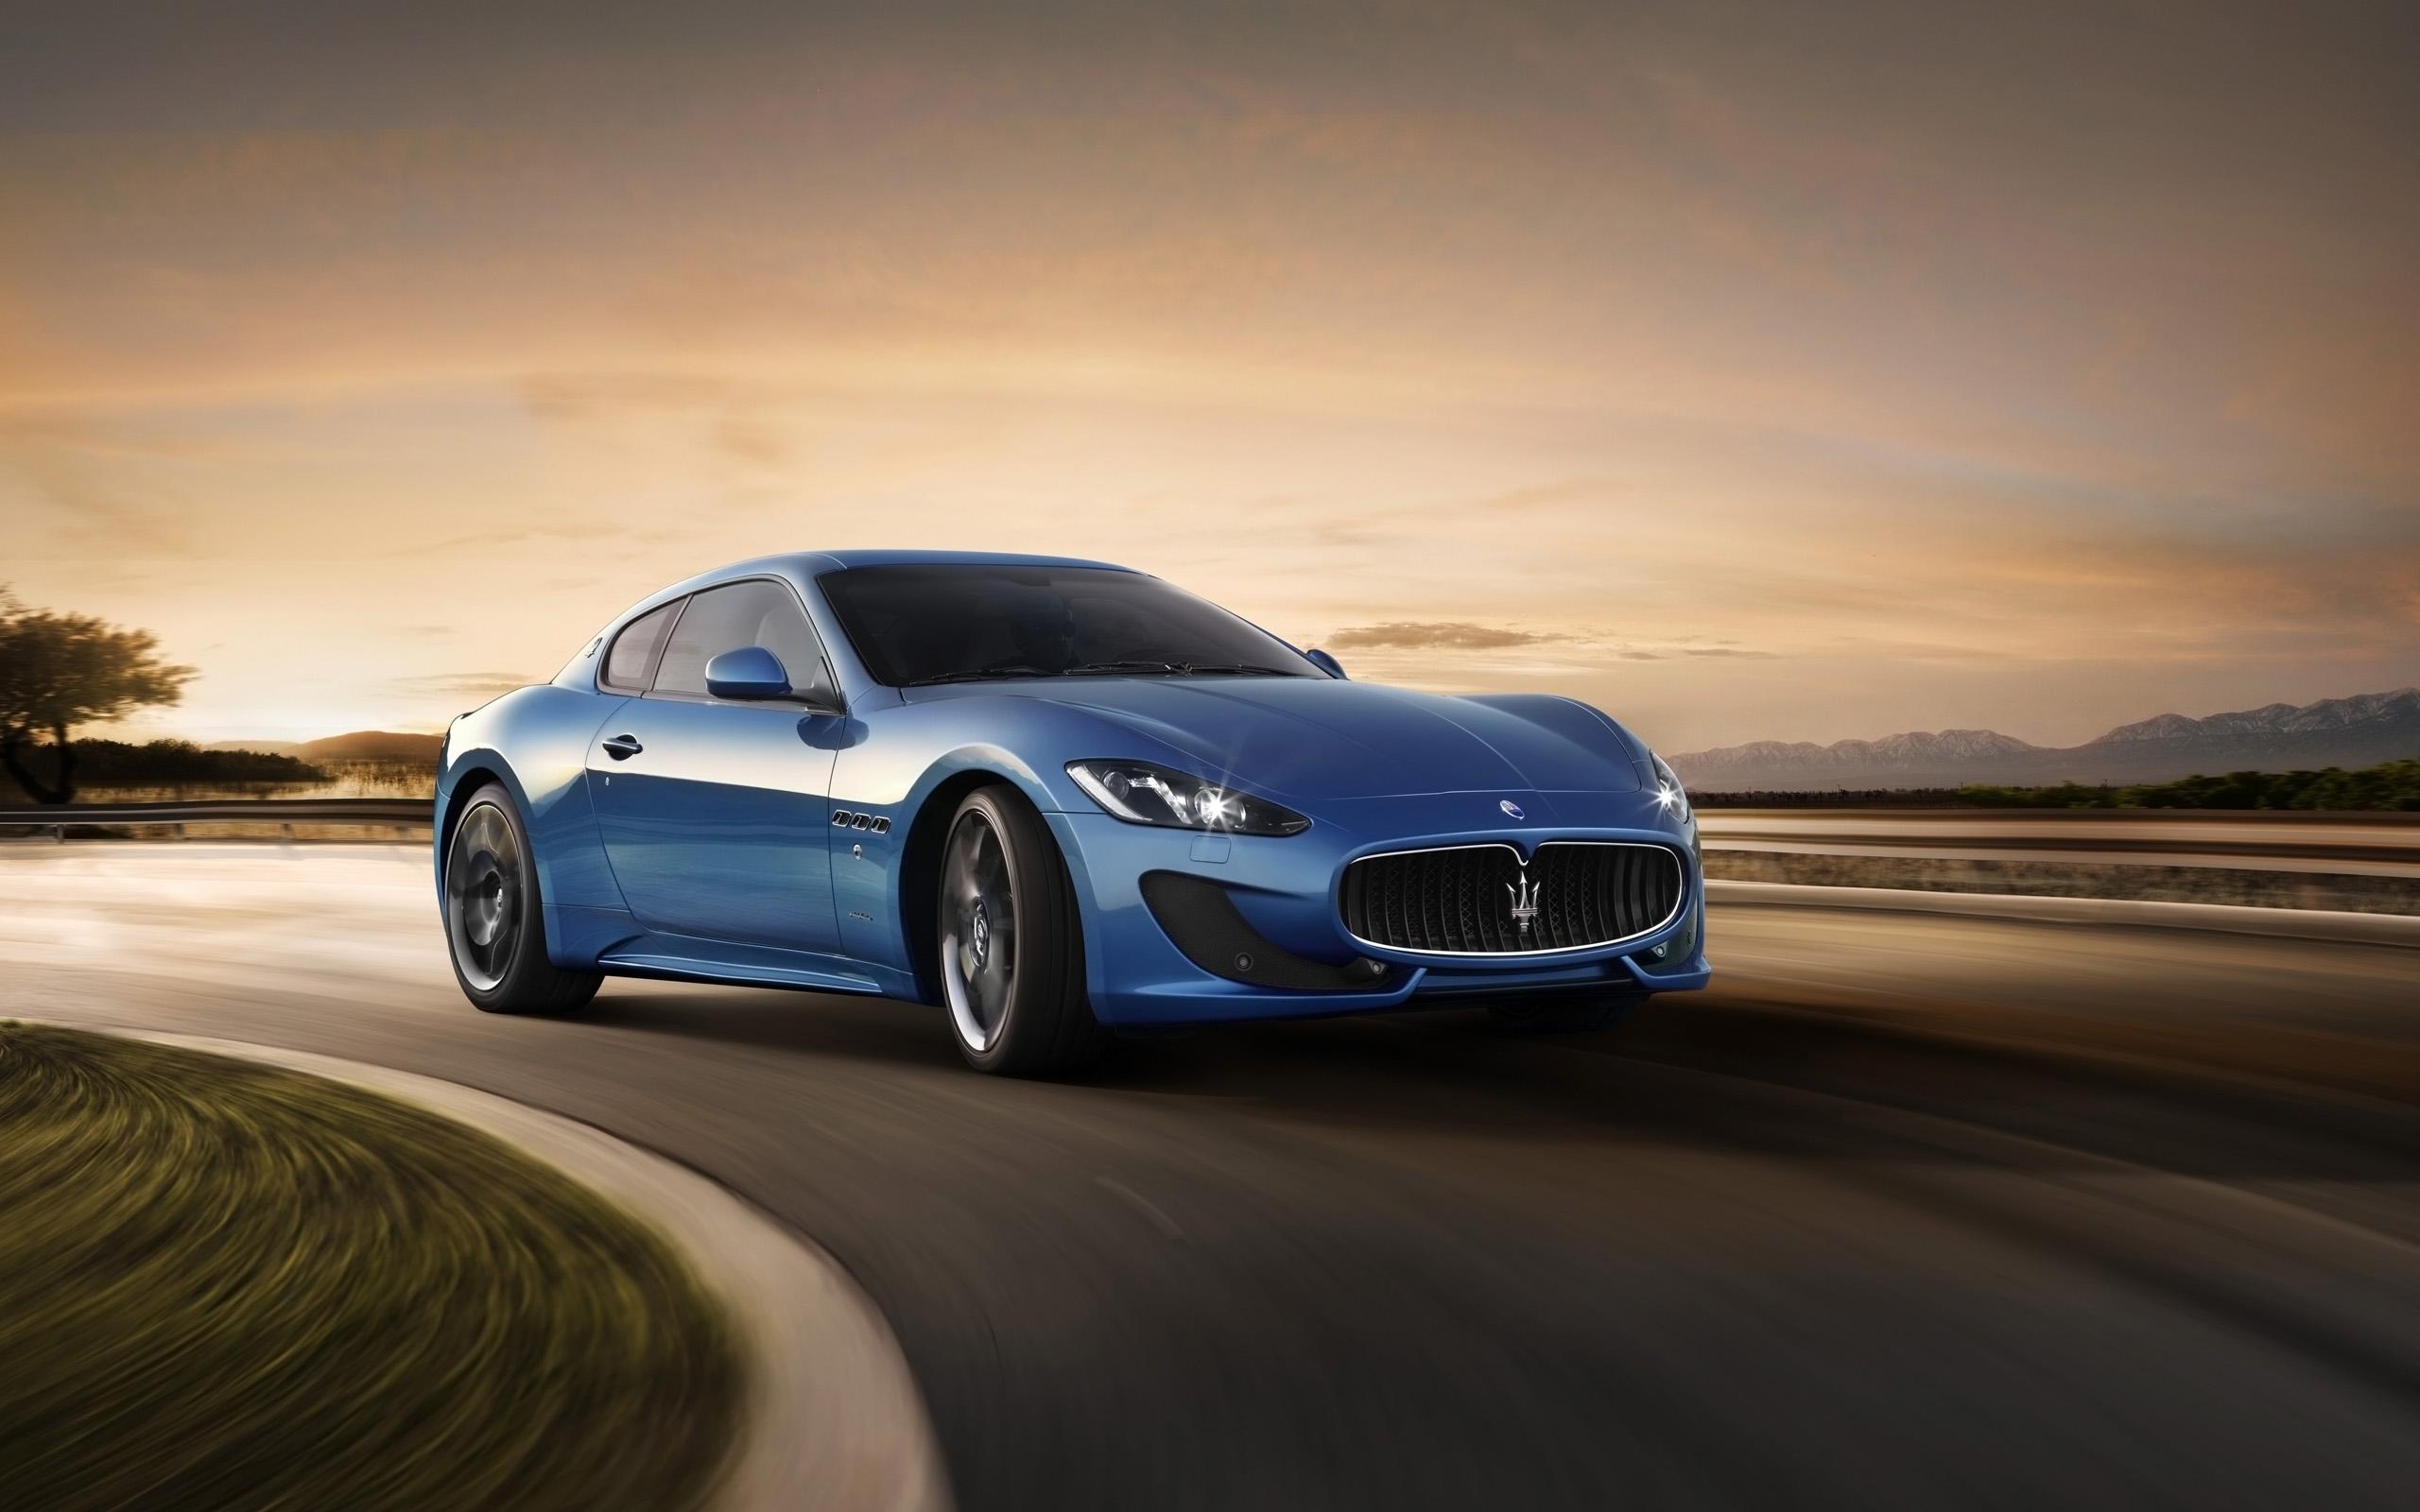 Maserati GranTurismo Sport 2014 Wallpaper HD Car Wallpapers ID 2560x1600